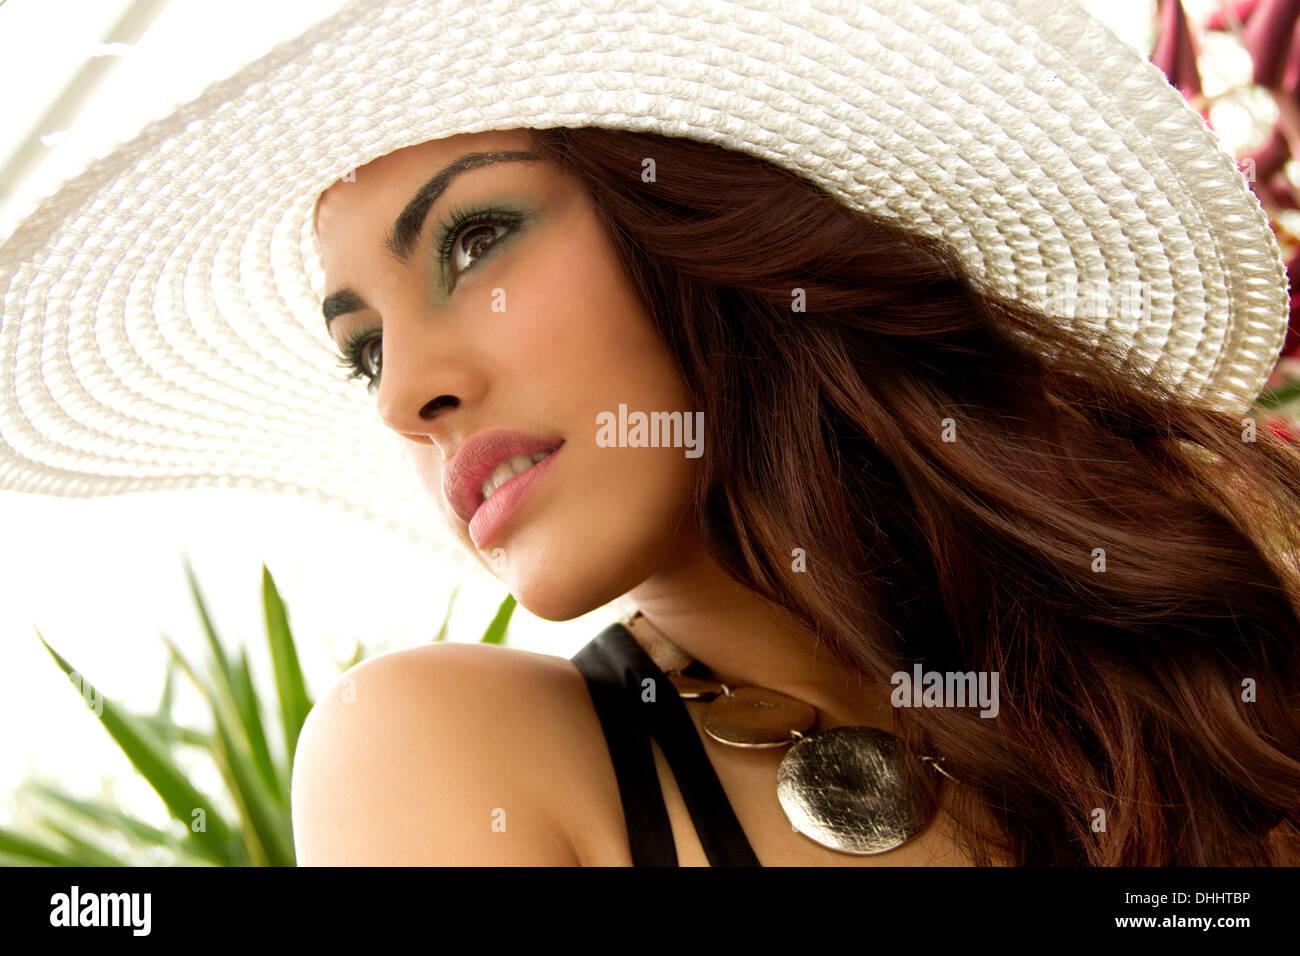 Retrato de mujer joven, vistiendo sombrero para el sol Foto de stock